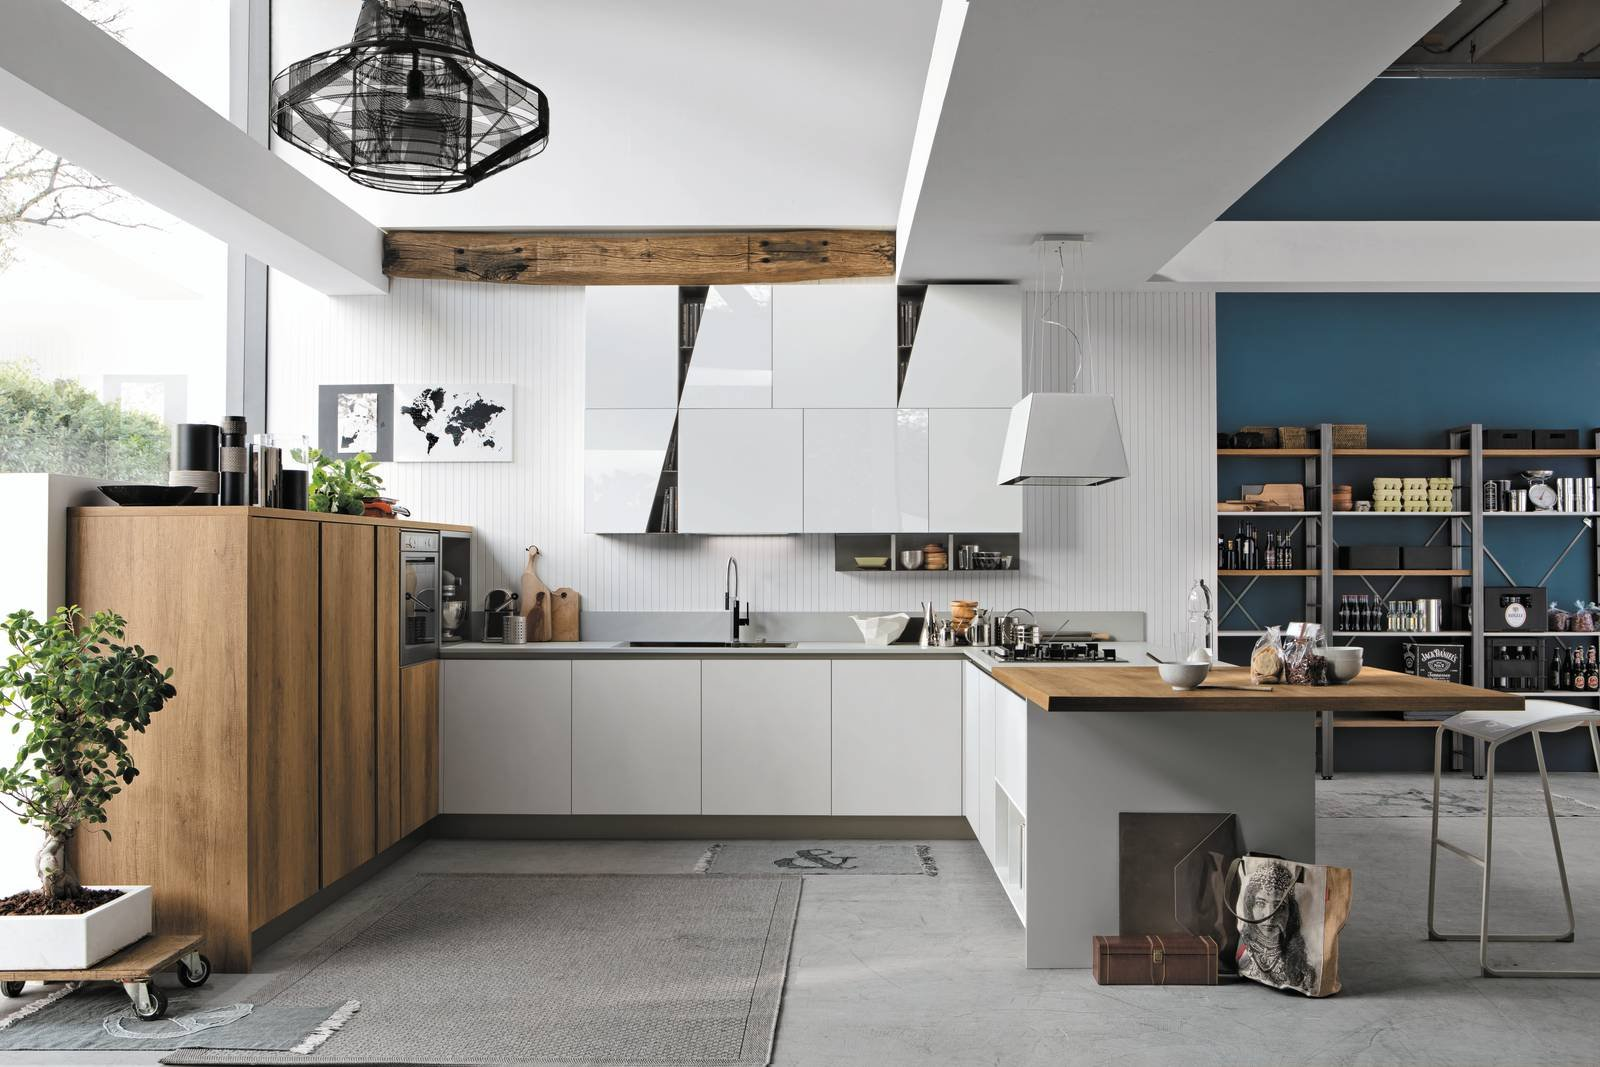 La cucina a u raccolta ergonomica funzionale cose di casa - Cucine stosa opinioni ...